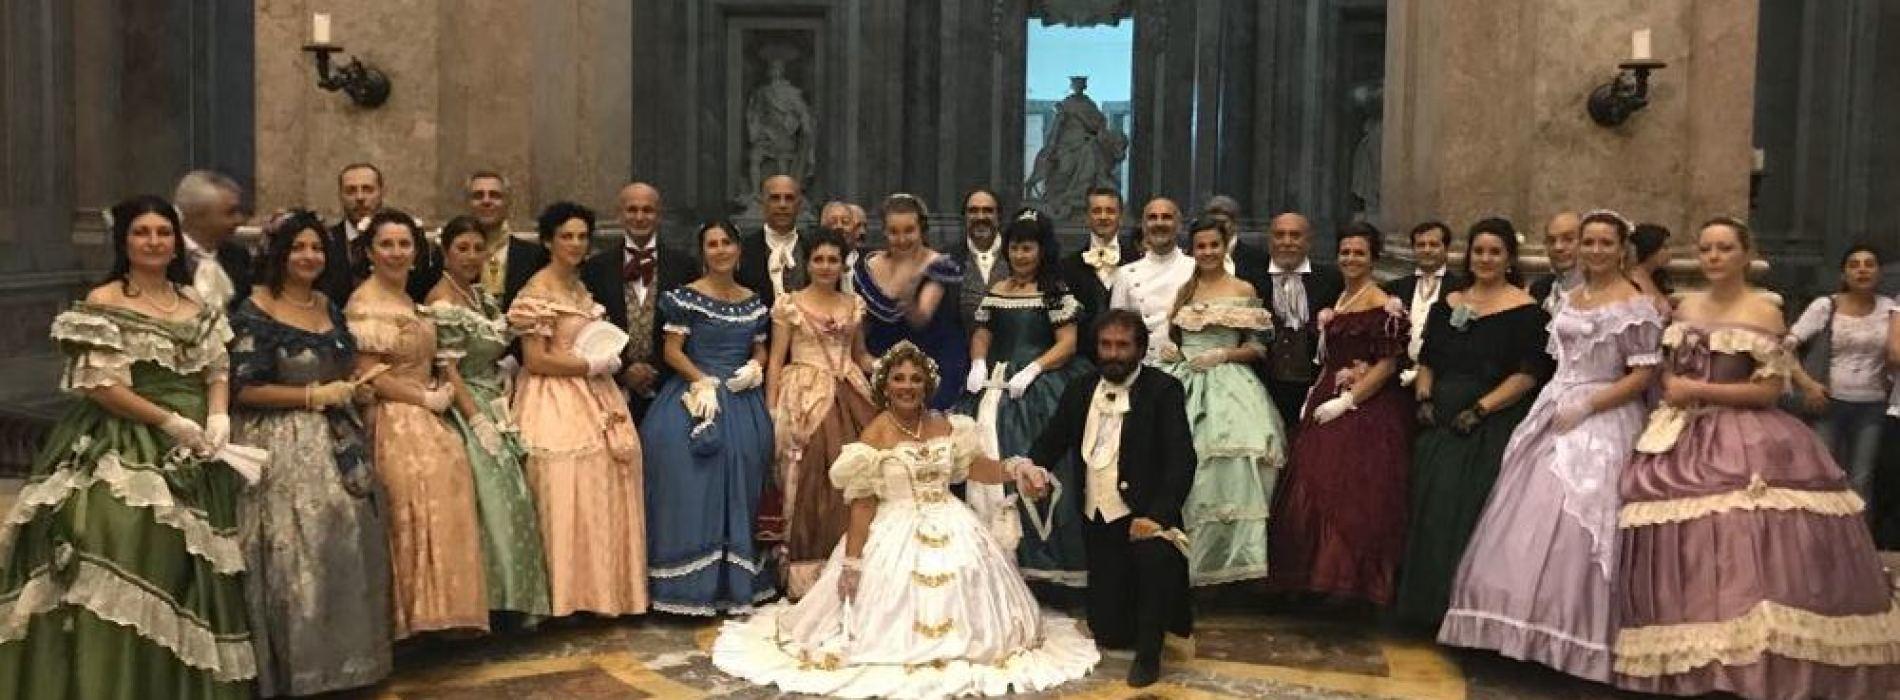 Gran Ballo dei Borbone, alla Reggia dame e cavalieri danzanti